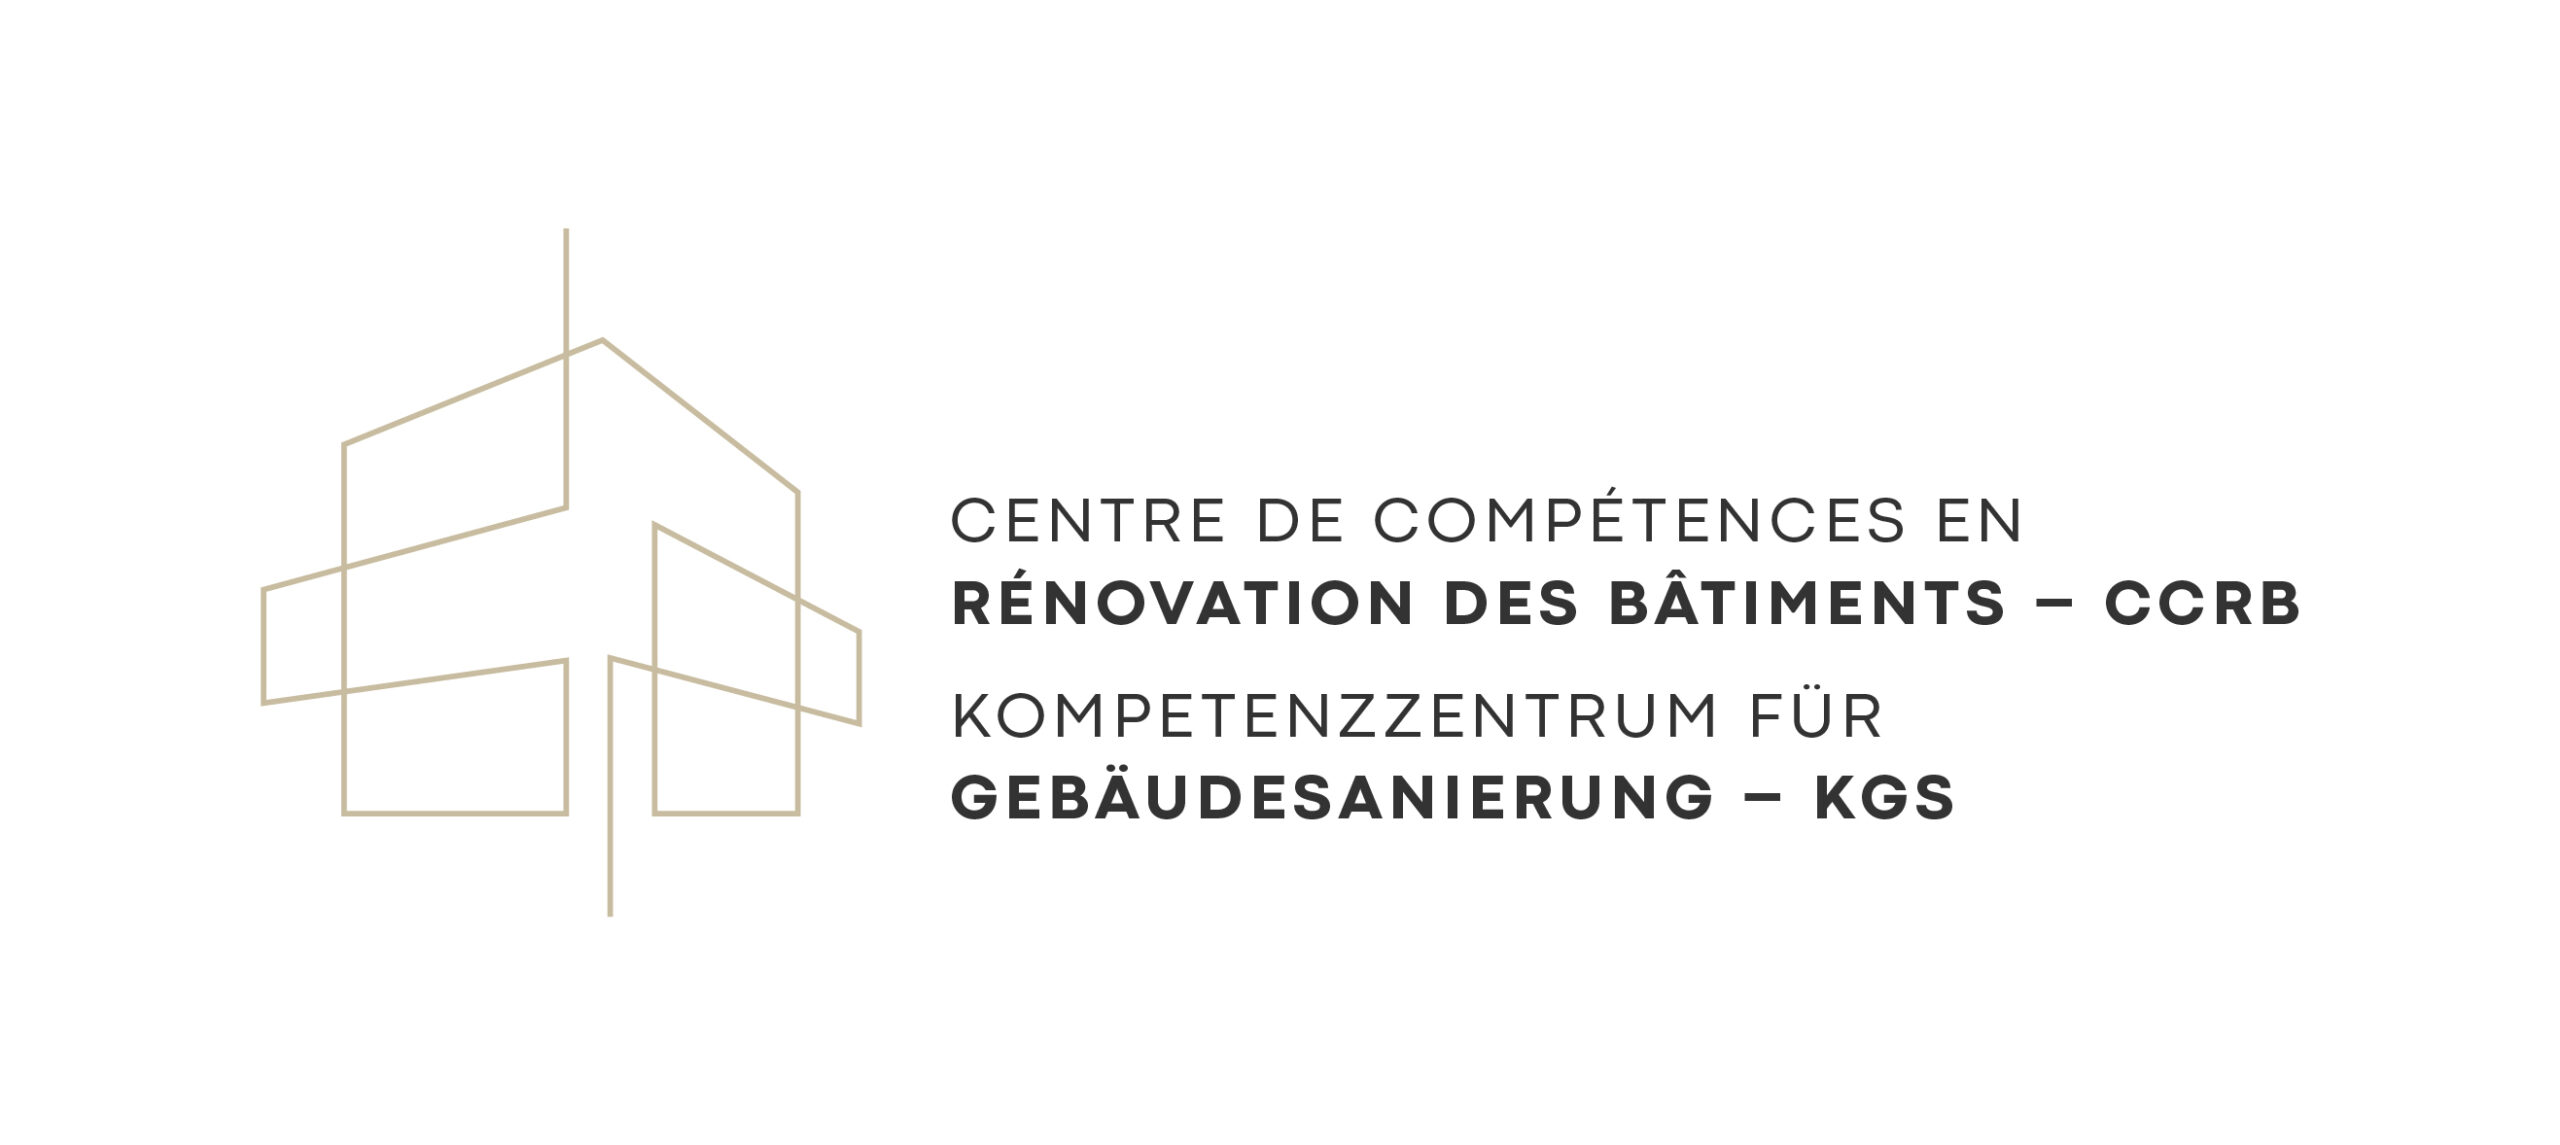 Centre de Compétences en Rénovation des Bâtiments CCRB